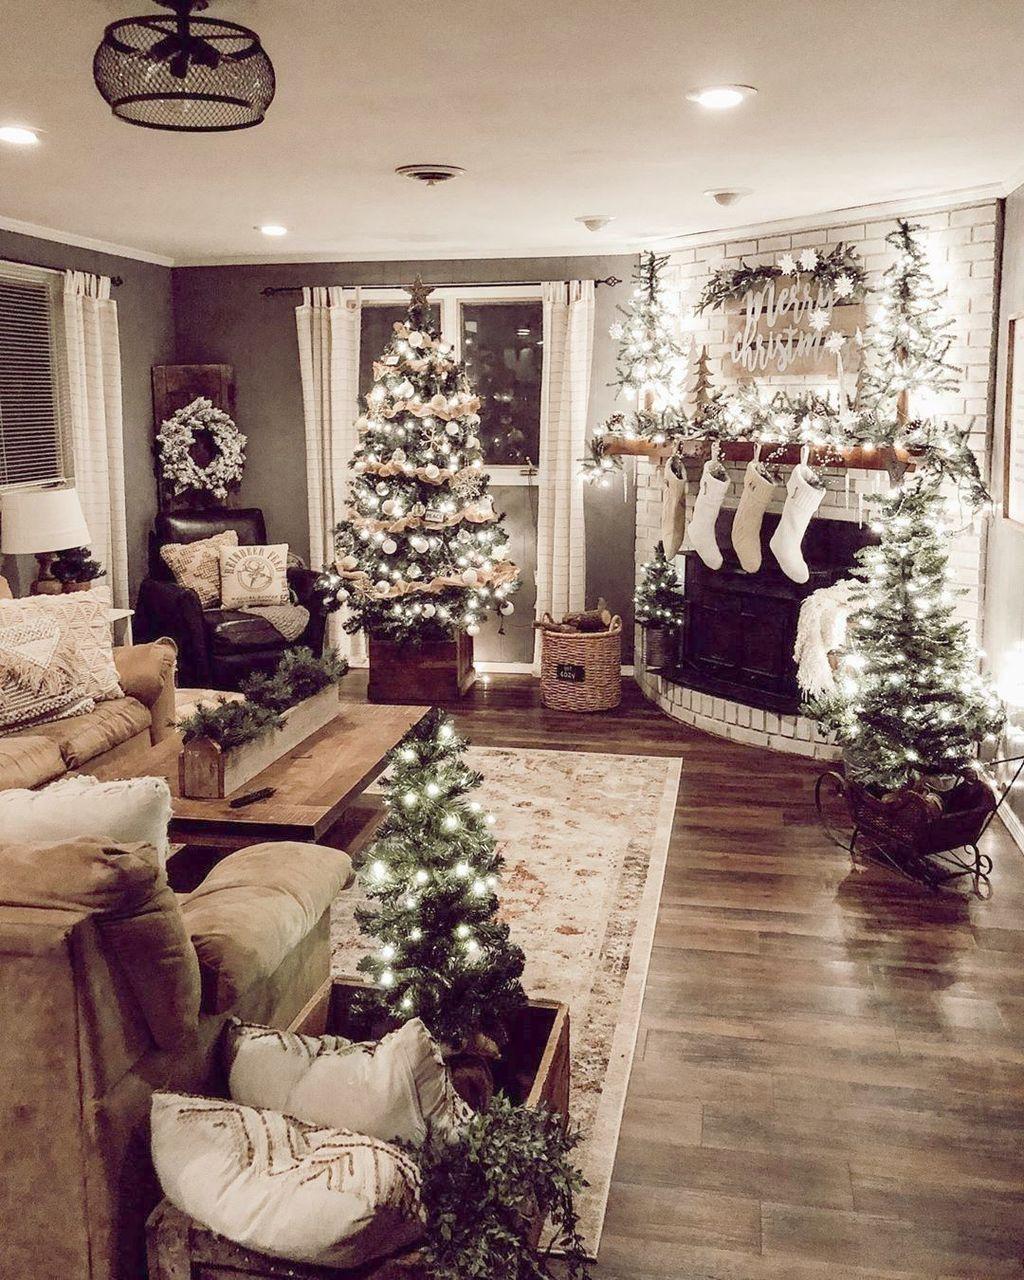 Christmas Decor Ideas For Living Room Apartment Small In 2020 Christmas Decorations Apartment Christmas Apartment Christmas Decorations Rustic